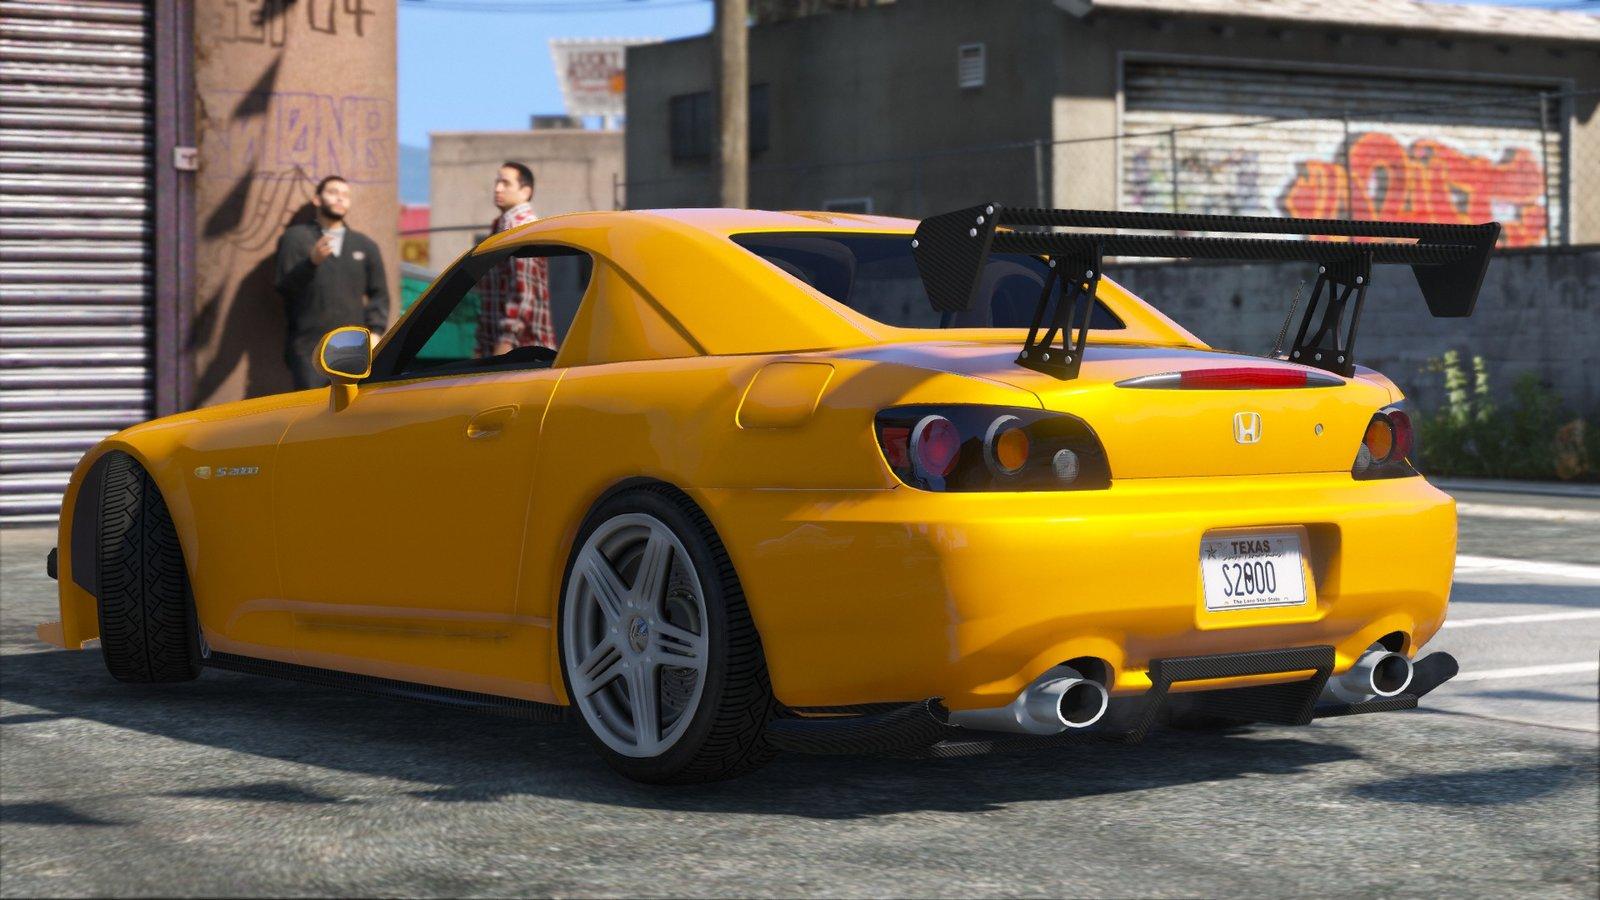 Honda crv black edition (2020): GTA-Modding.com - Download Area » GTA V » Cars » Honda S2000